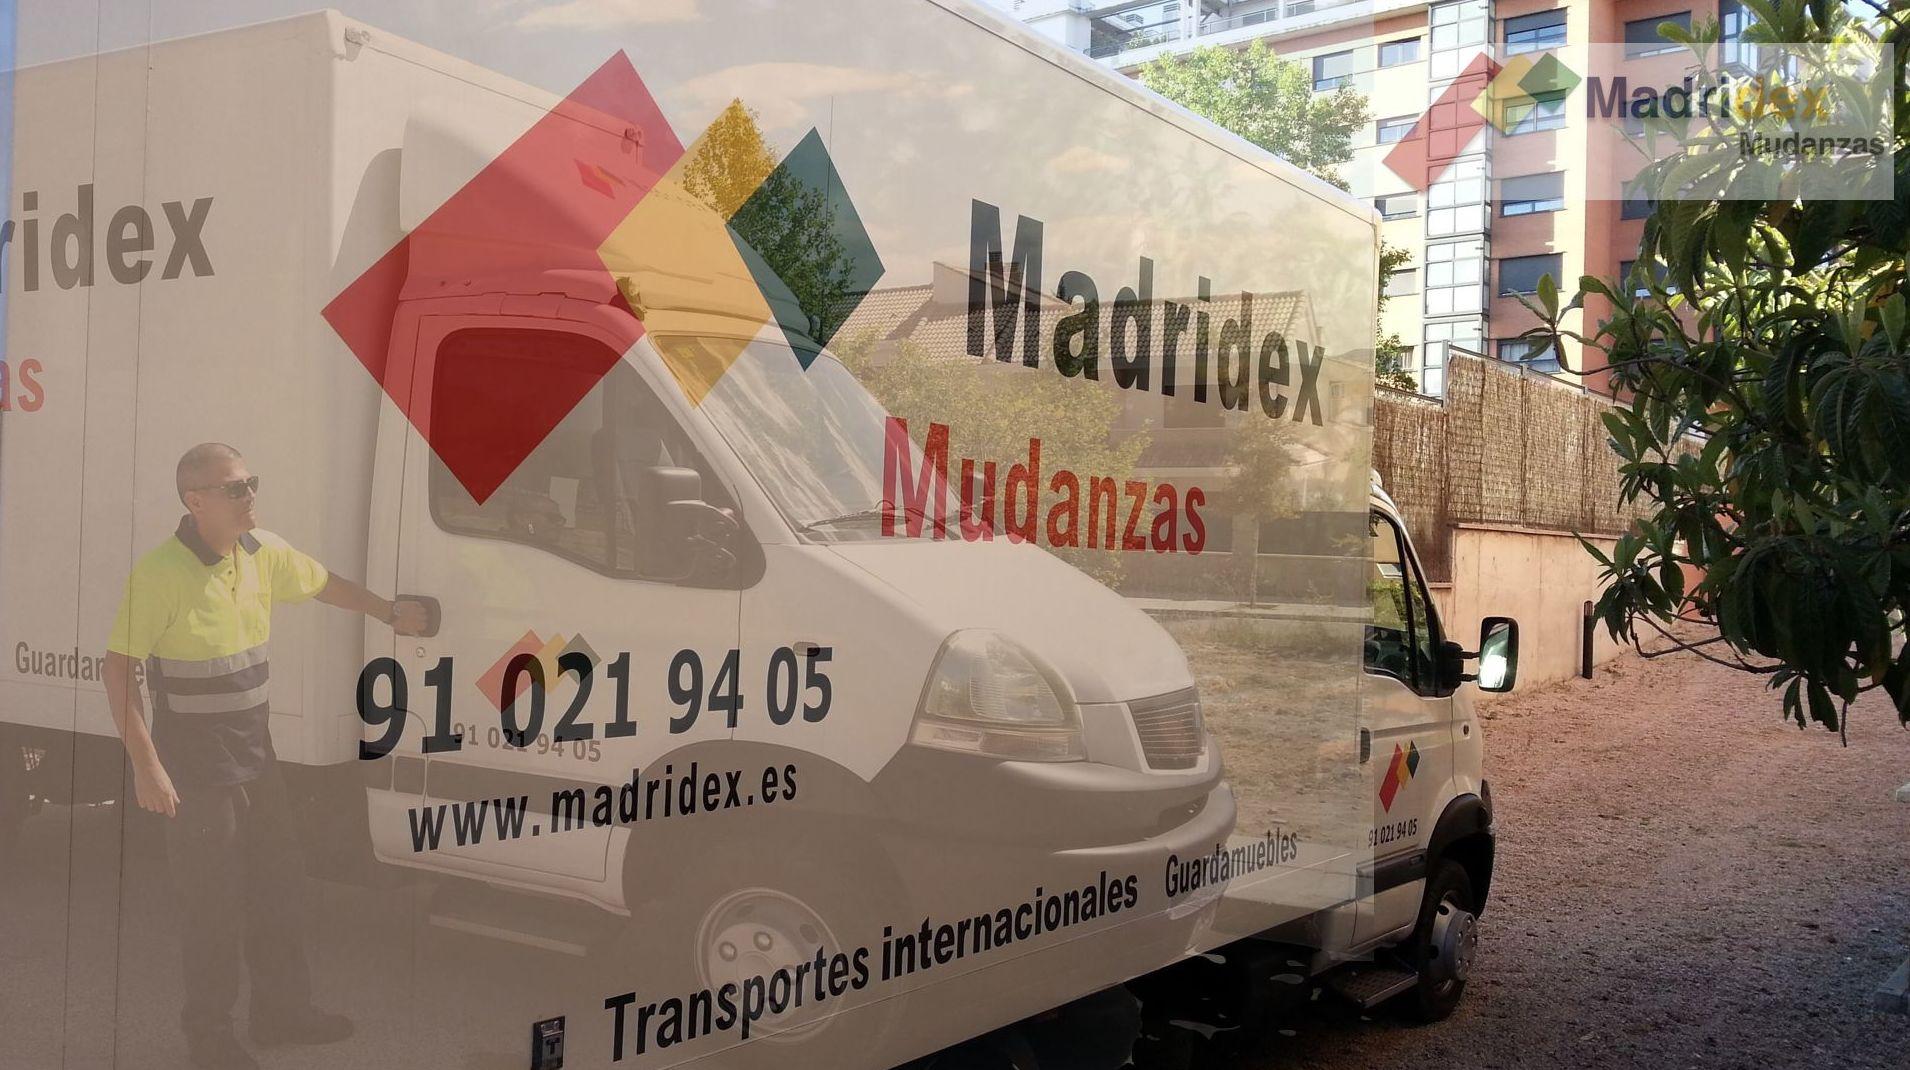 Mudanzas baratísimas en Madrid precios ajustados